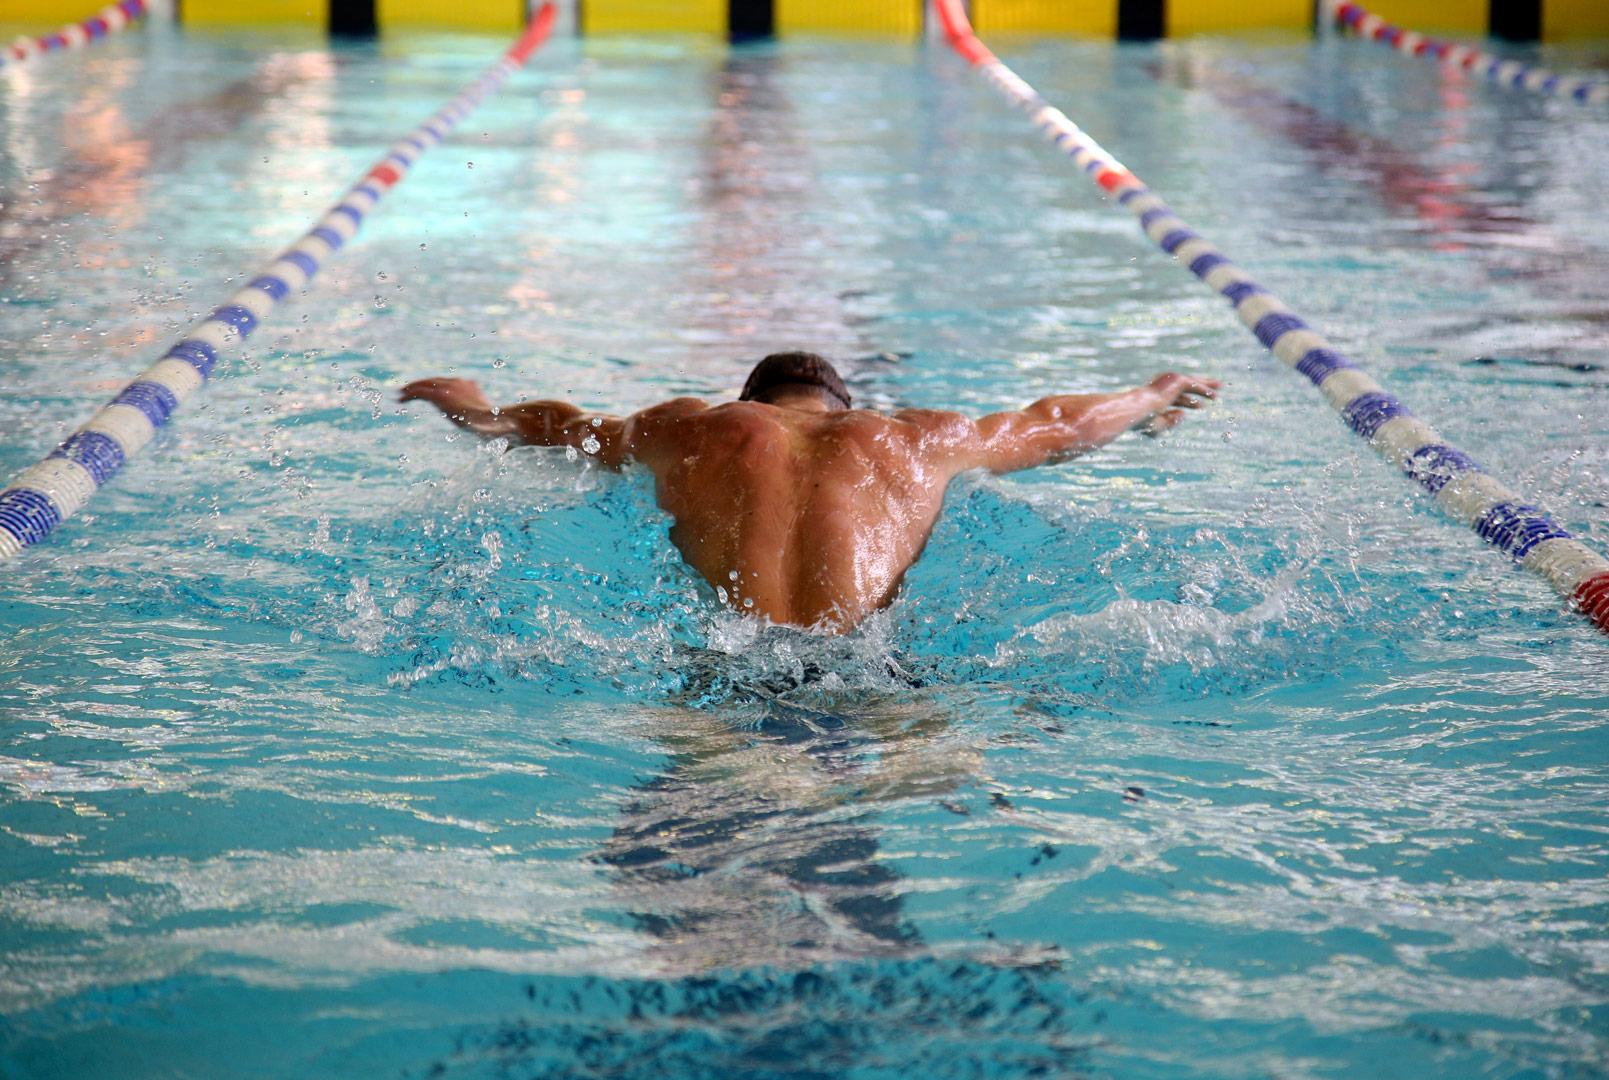 La natation, nouvelle tendance sportive des